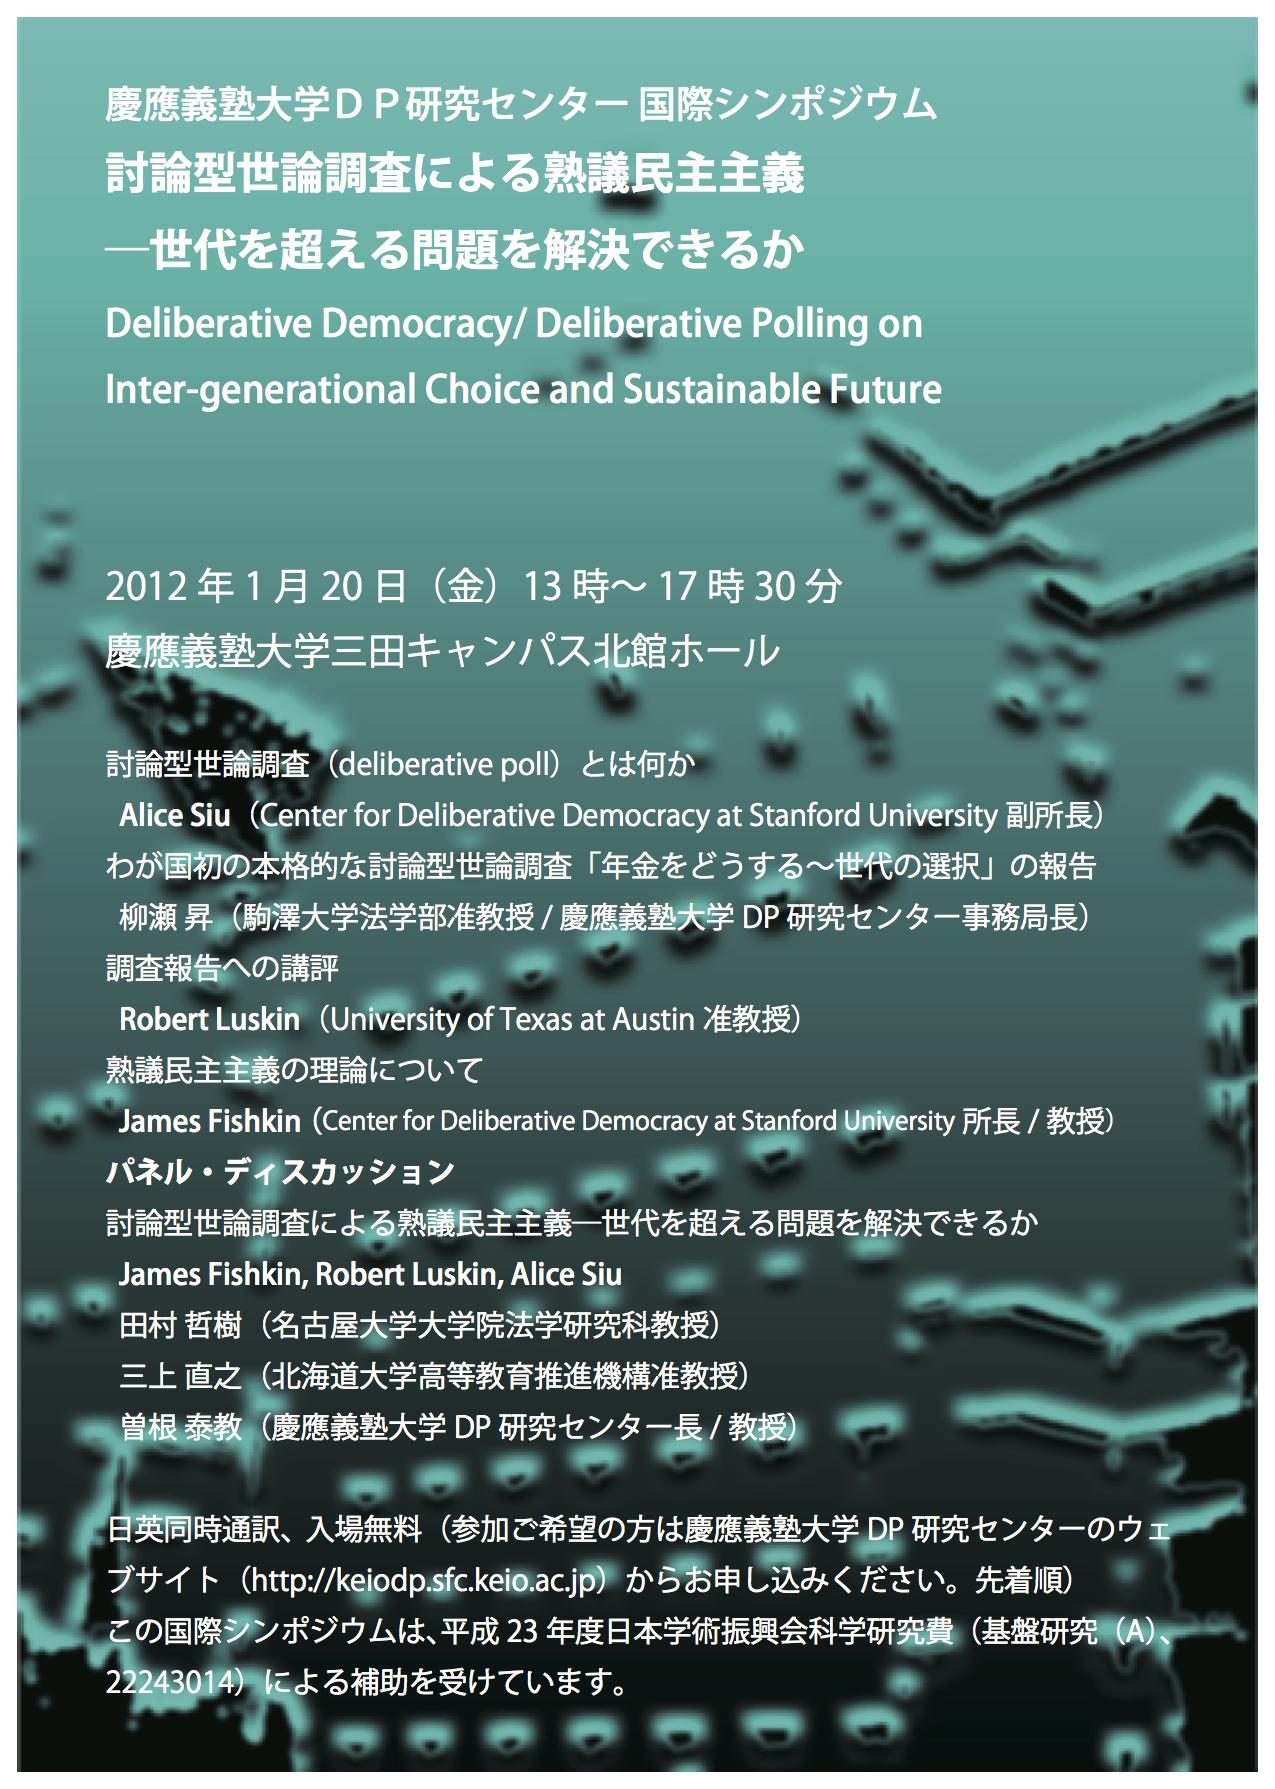 国際シンポジウム「討論型世論調査による熟議民主主義-世代を超える ...